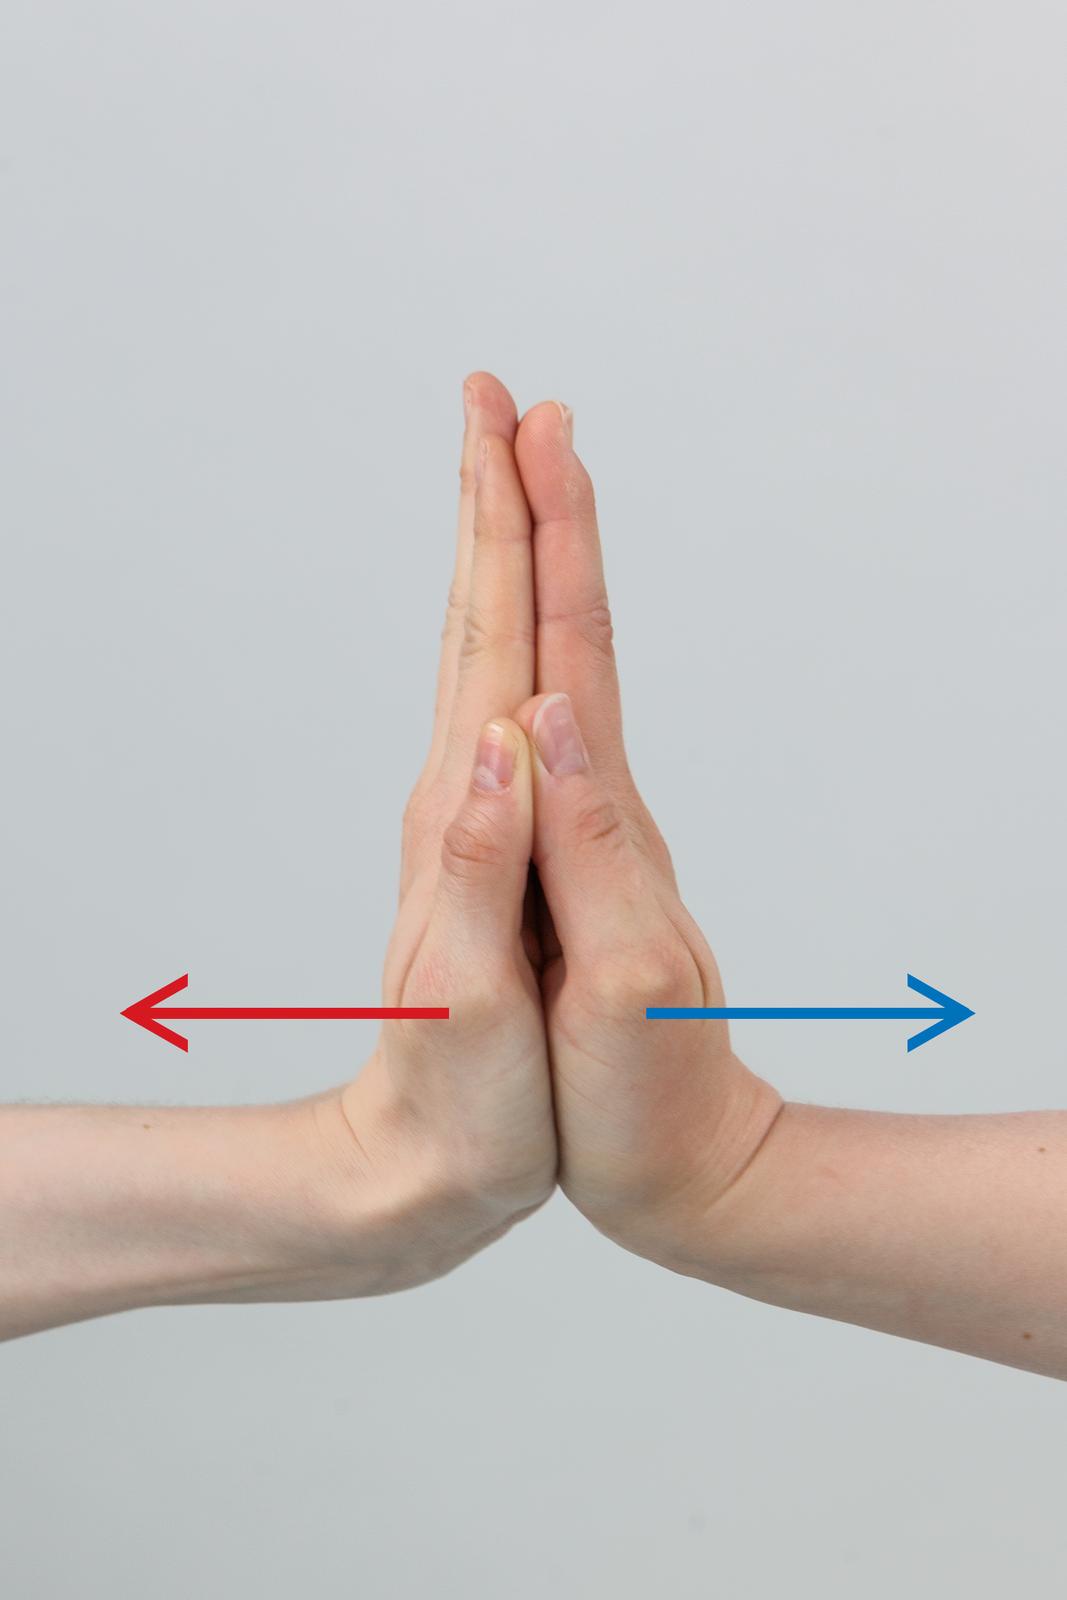 Zdjęcie przyłożonych do siebie dłoni zdwoma wektorami, które są przeciwne do siebie